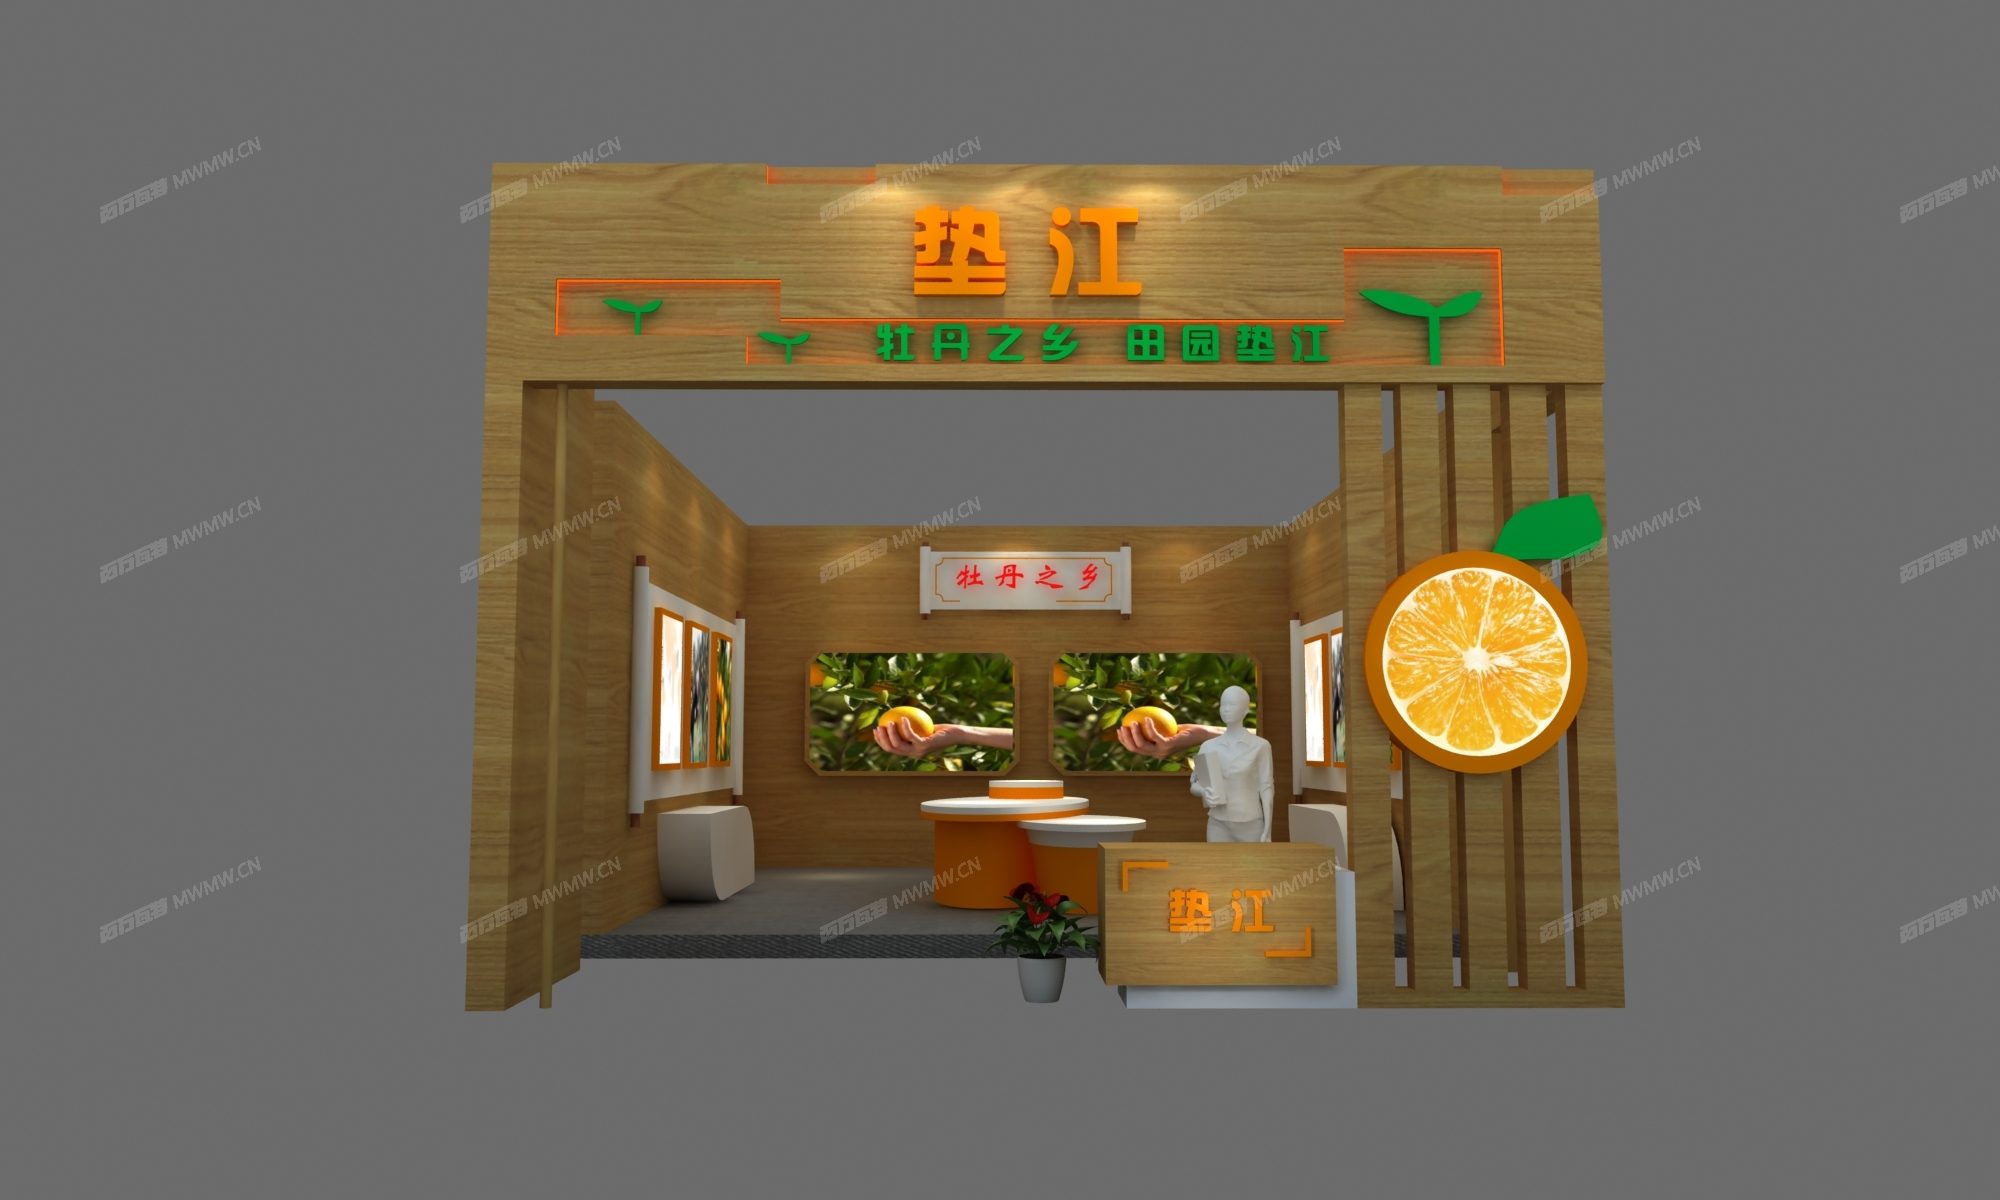 柑橘节_View04.jpg